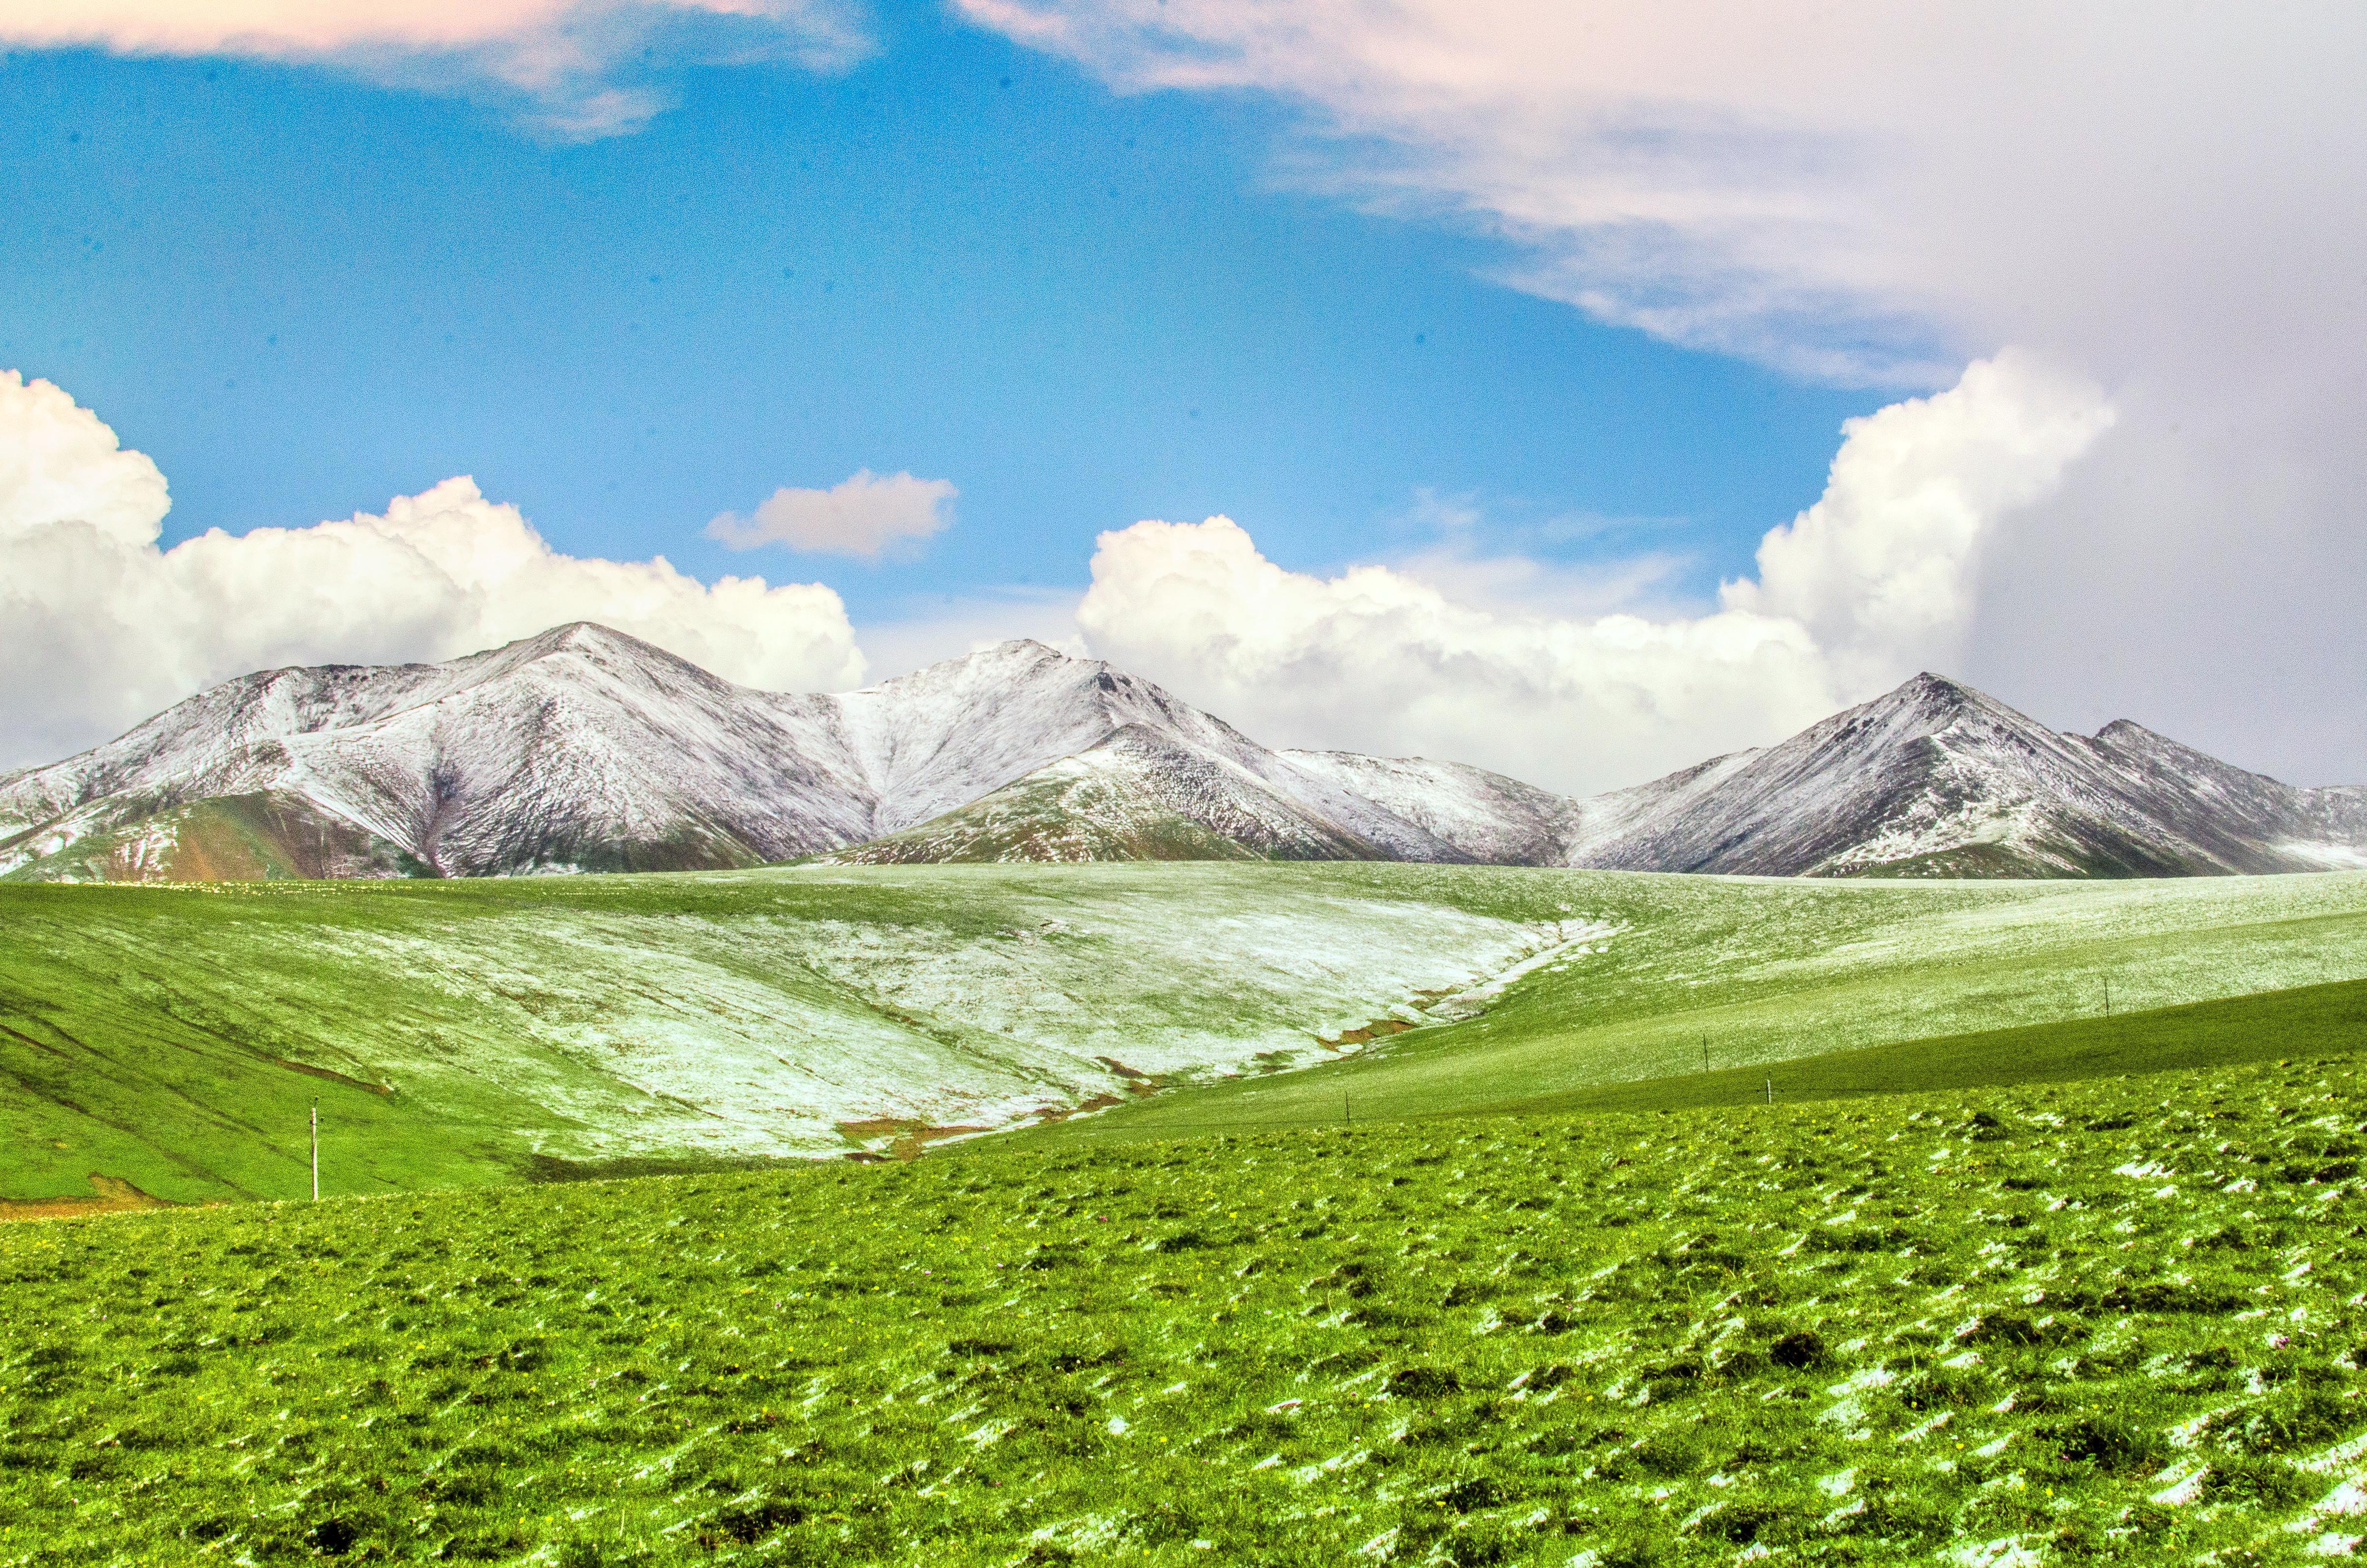 崗什卡雪峰